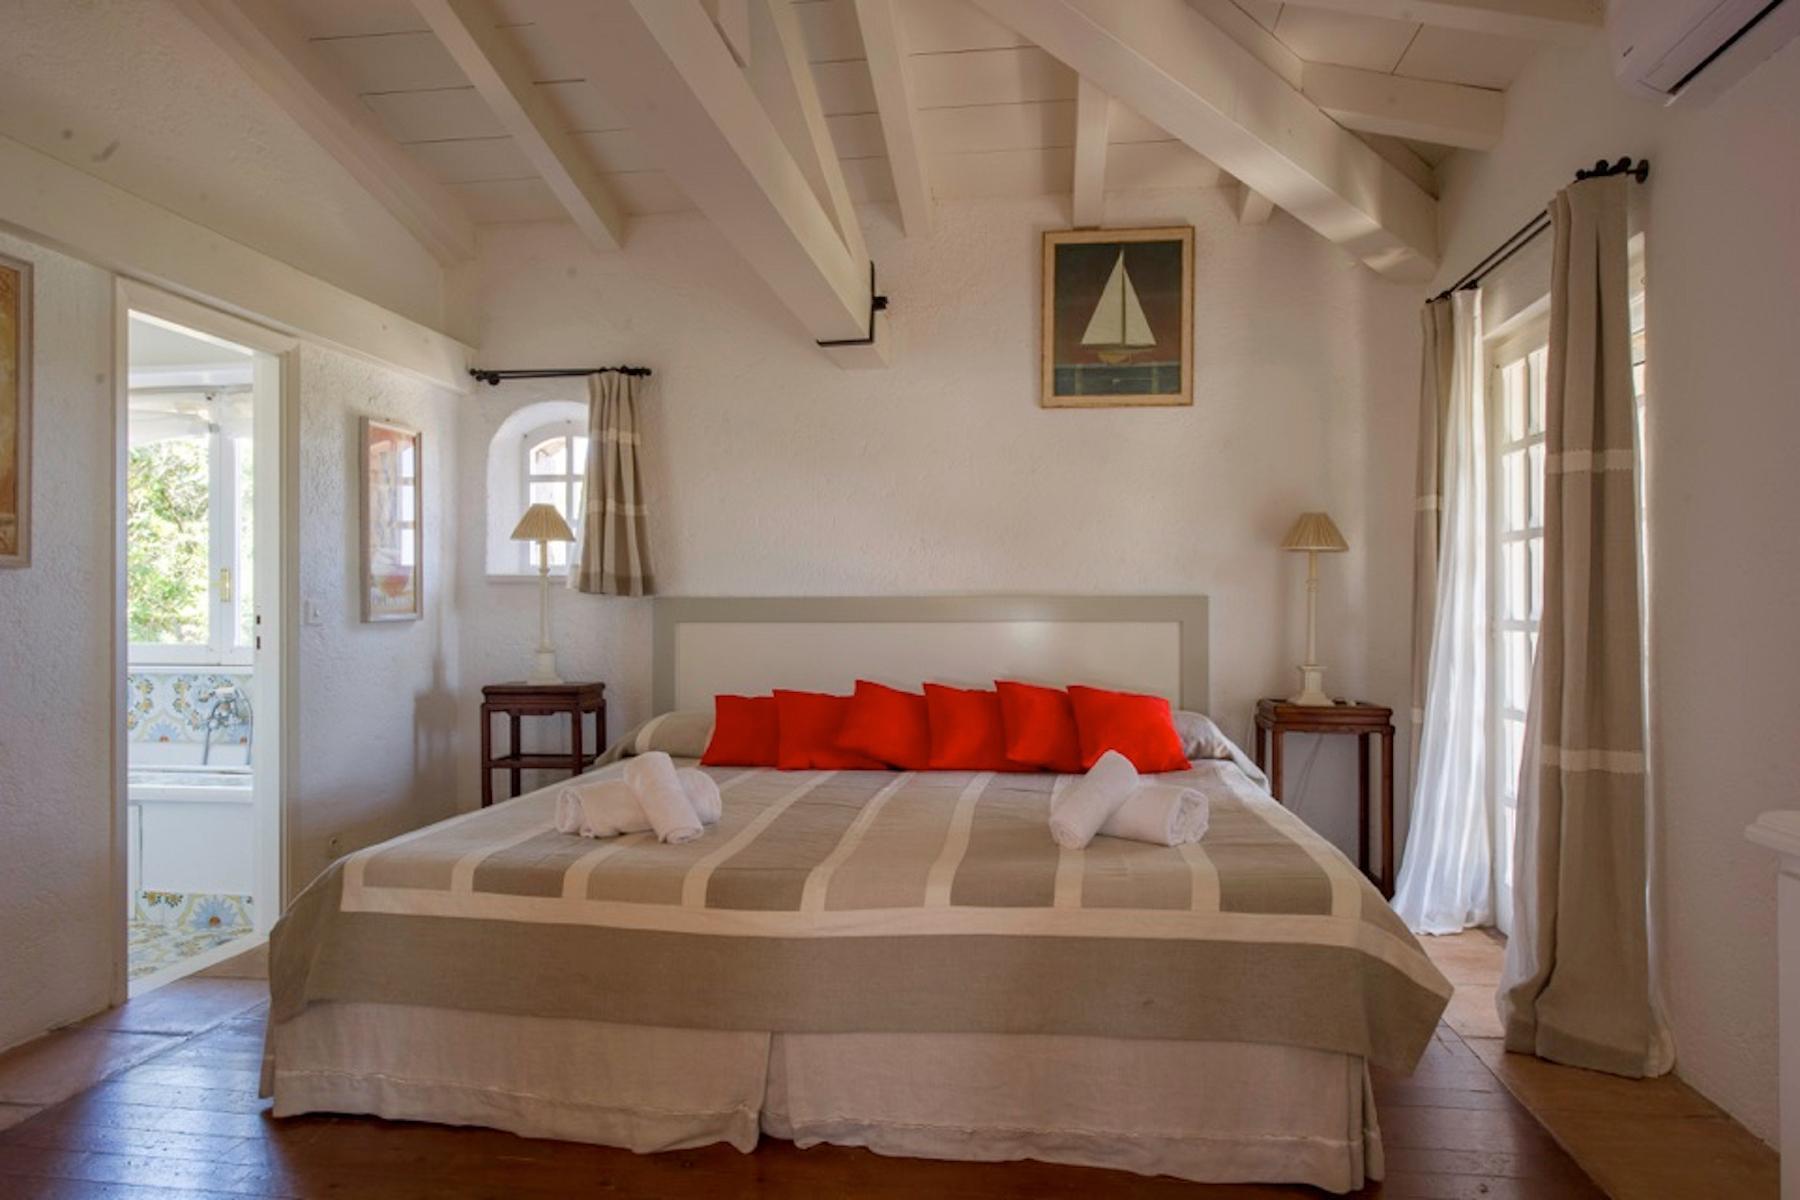 Cavallo Island, Corsica - Secluded villa with breathtaking seaview - 10